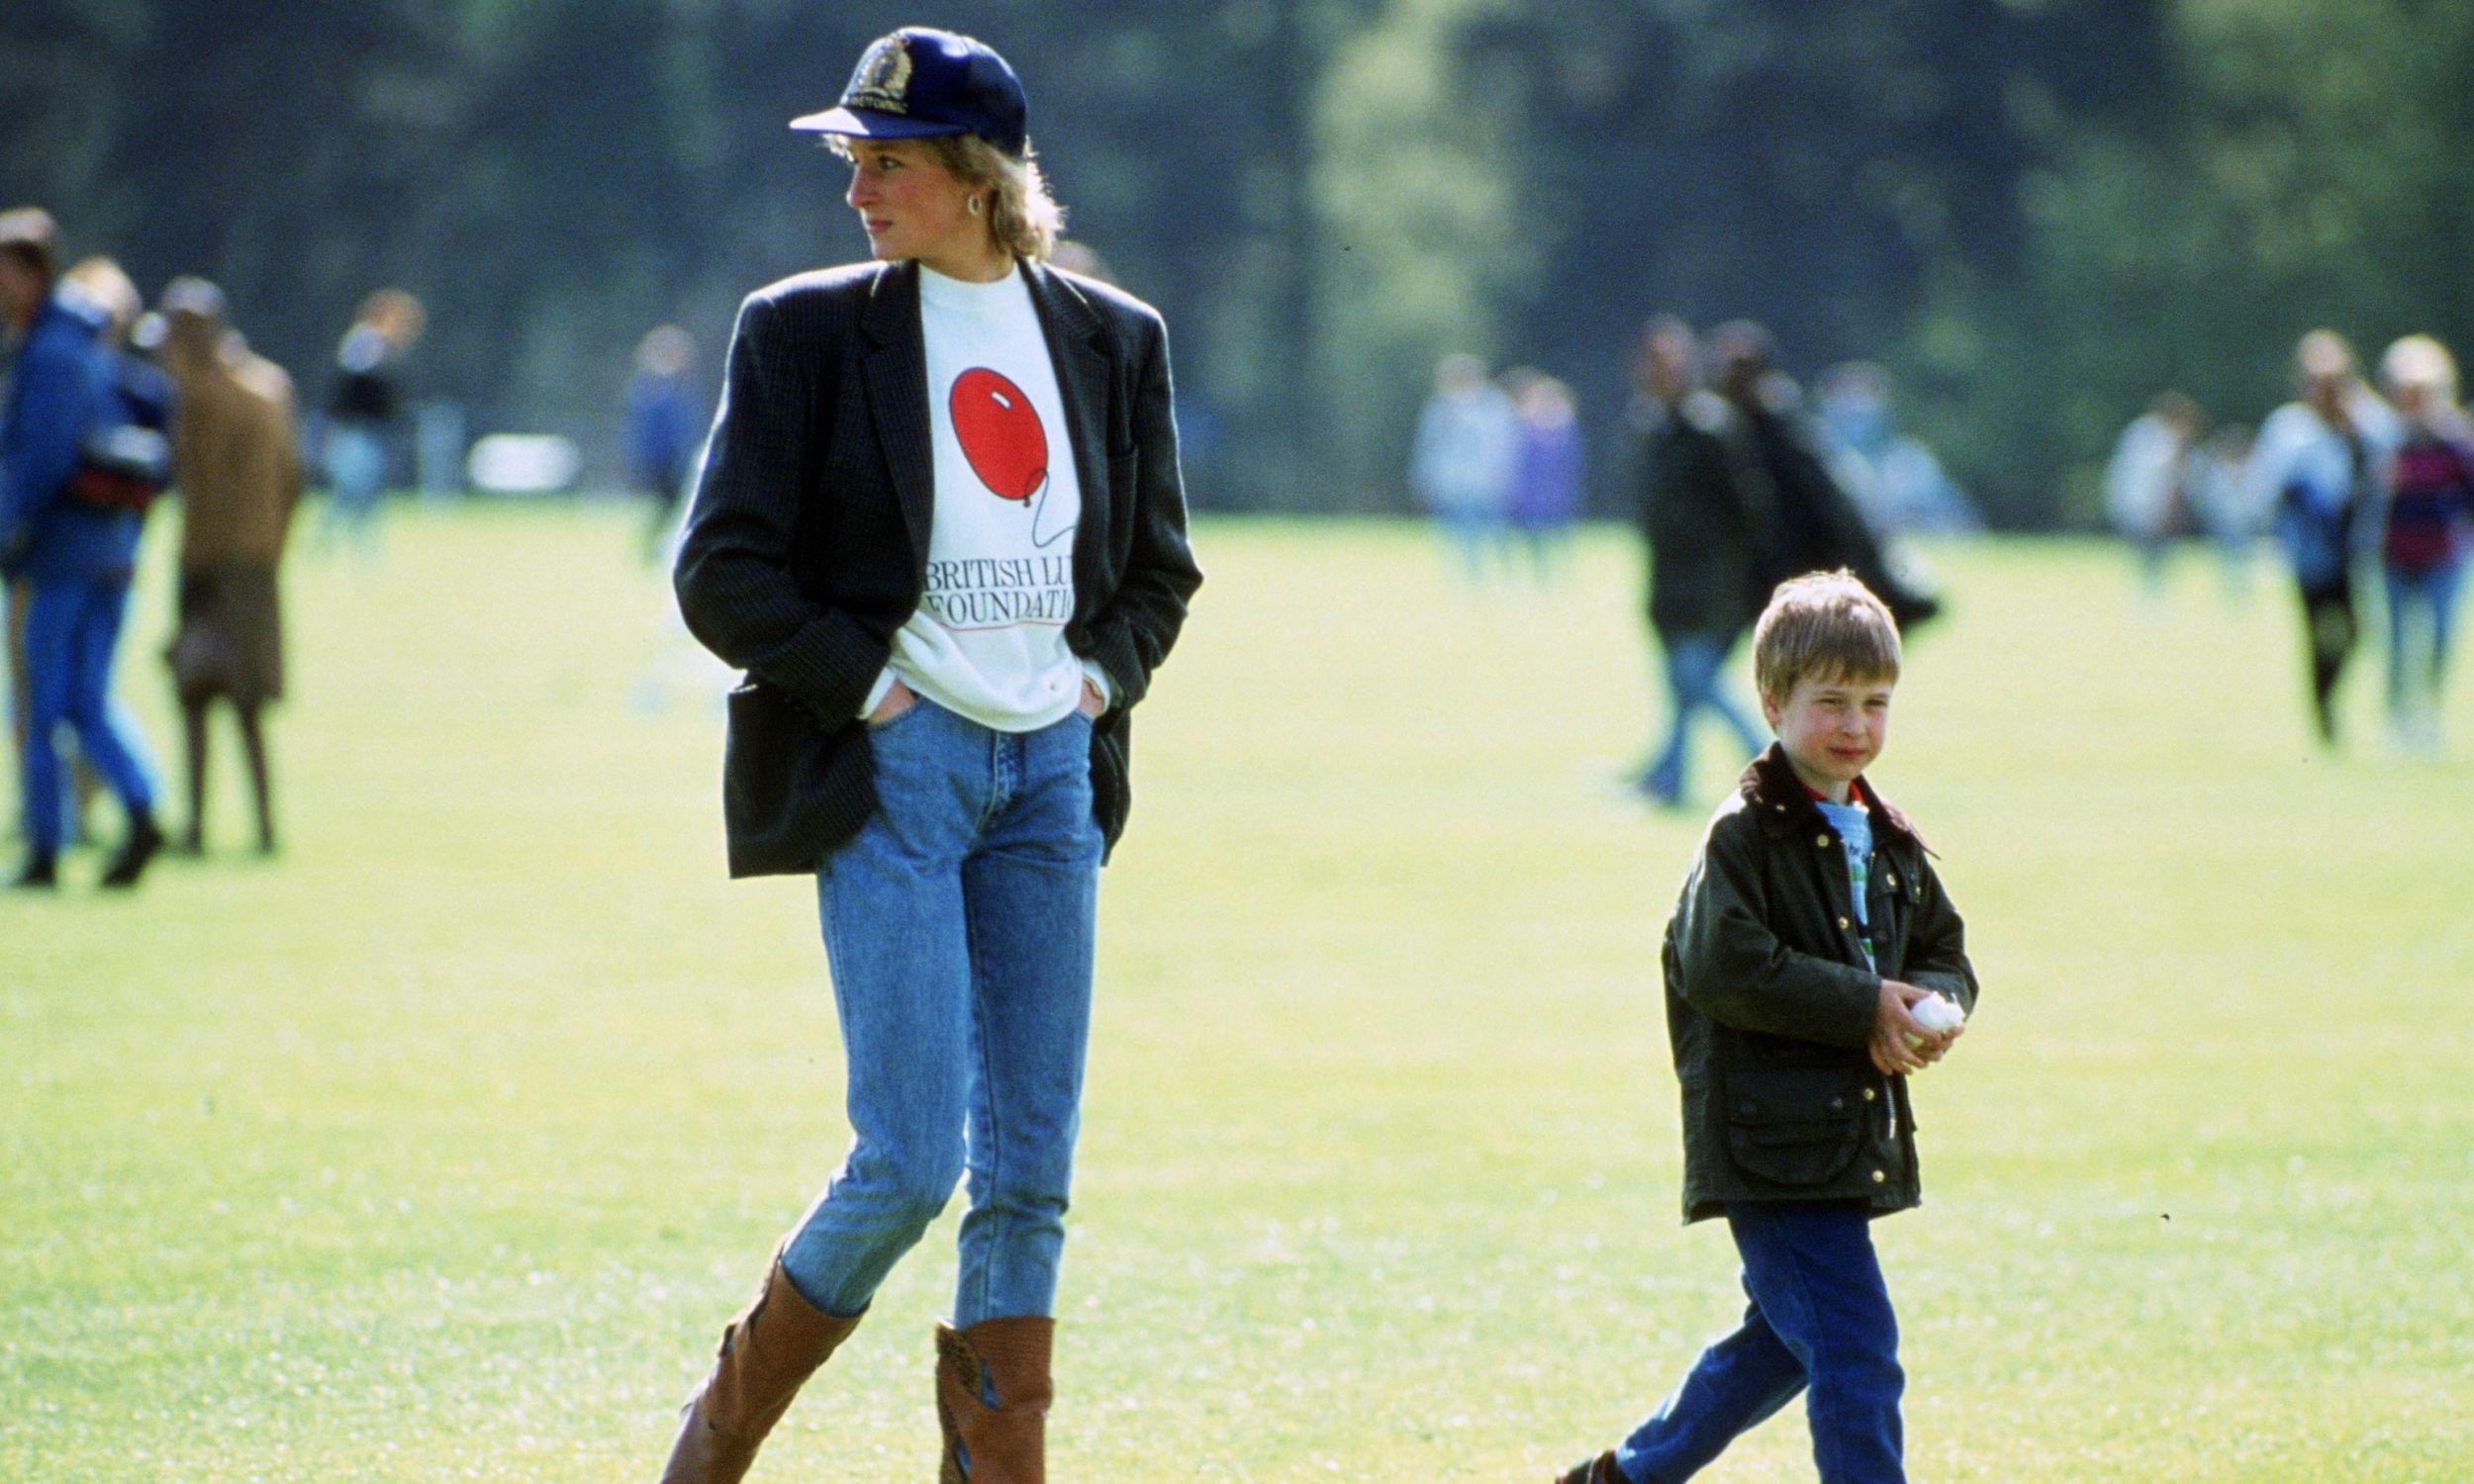 Księżna Diana nie była oczywiście pierwszą arystokratką pozującą fotoreporterom w dżinsach. Na zdjęciu z 1988 roku księżna Walii z synem Williamem. Fot. Tim Graham Photo Library via Getty Images